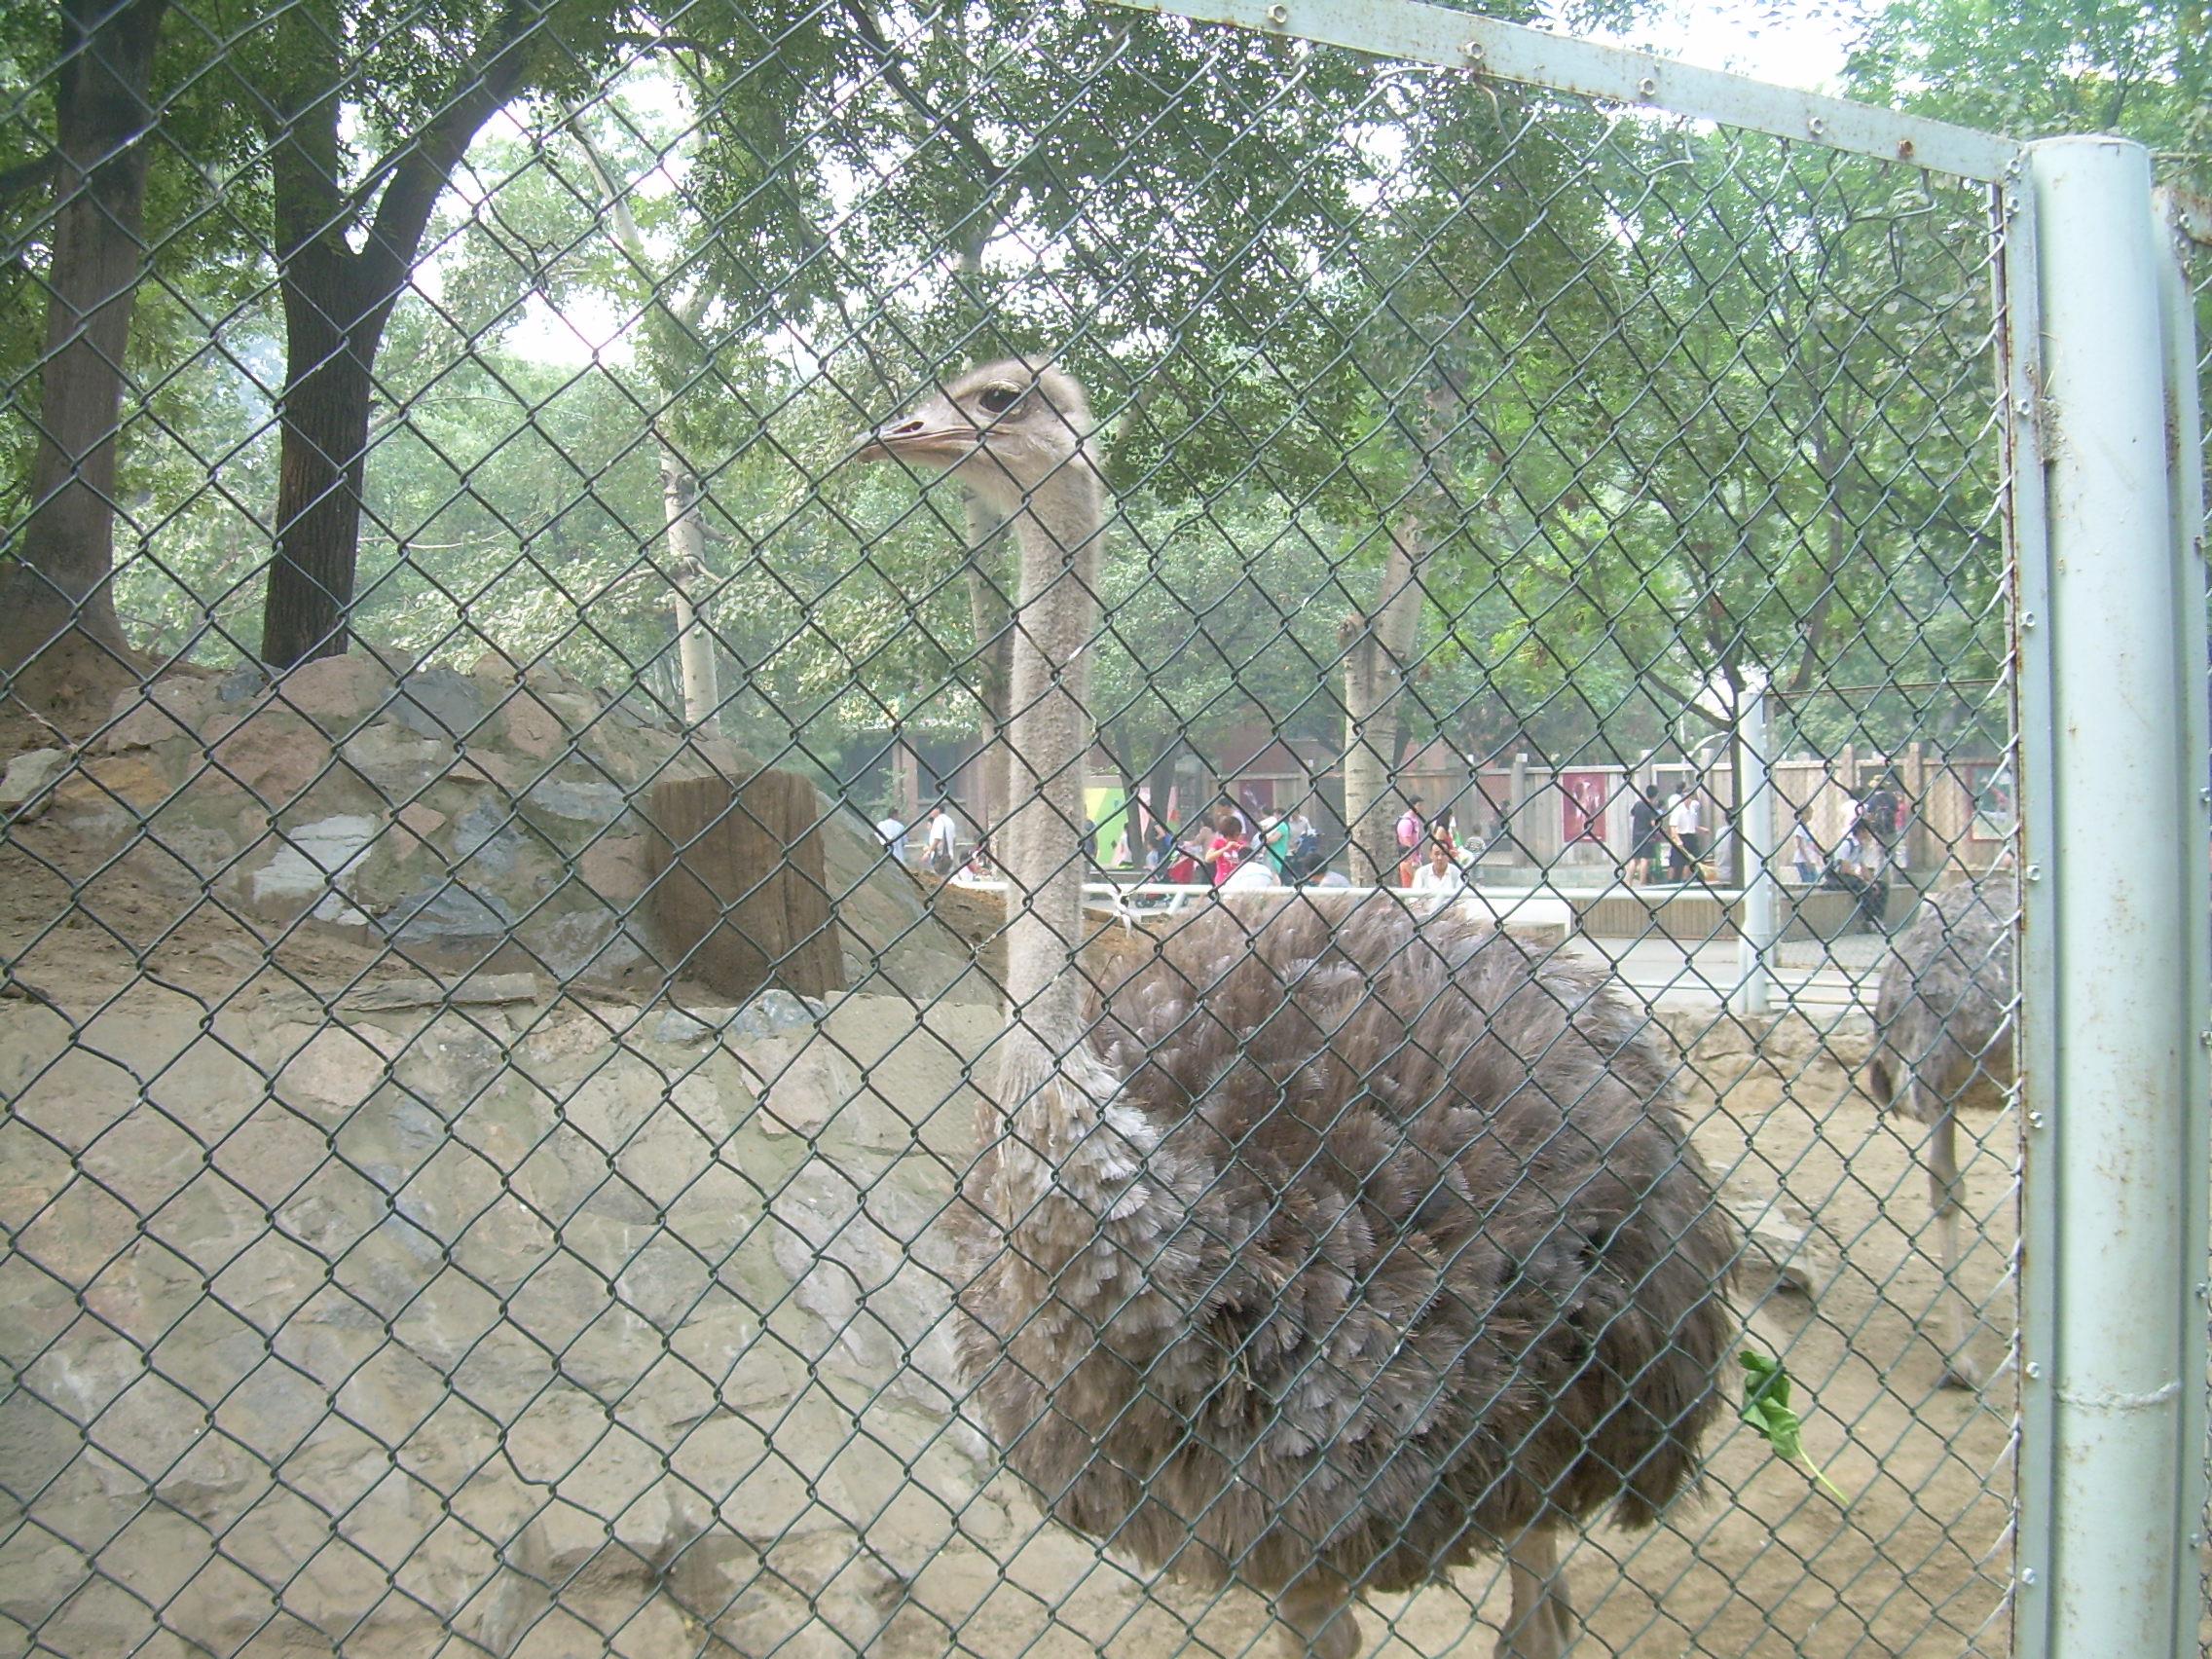 动物园的斑马和鸵鸟都是养殖到一起的,看着它们还是能和平共处的。 斑马是是一类常见于非洲的马科动物。斑马因身上有起保护作用的斑纹而得名,每只斑马身上的条纹都不一样。 鸵鸟大家都很熟悉,它是不能飞的。 其实鸵鸟的祖先也是一种会飞的鸟类,那么它是怎么变成今天的模样的呢?这与它的生活环境有着非常密切的关系。鸵鸟是一种原始的残存鸟类,它代表着在开阔草原和荒漠环境中动物逐渐向高大和善跑方向发展的一种进化方向。与此同时,飞行能力逐渐减弱直至丧失。非洲鸵鸟的奔跑能力是十分惊人的。它的足趾因适于奔跑而趋向减少,是世界上唯一